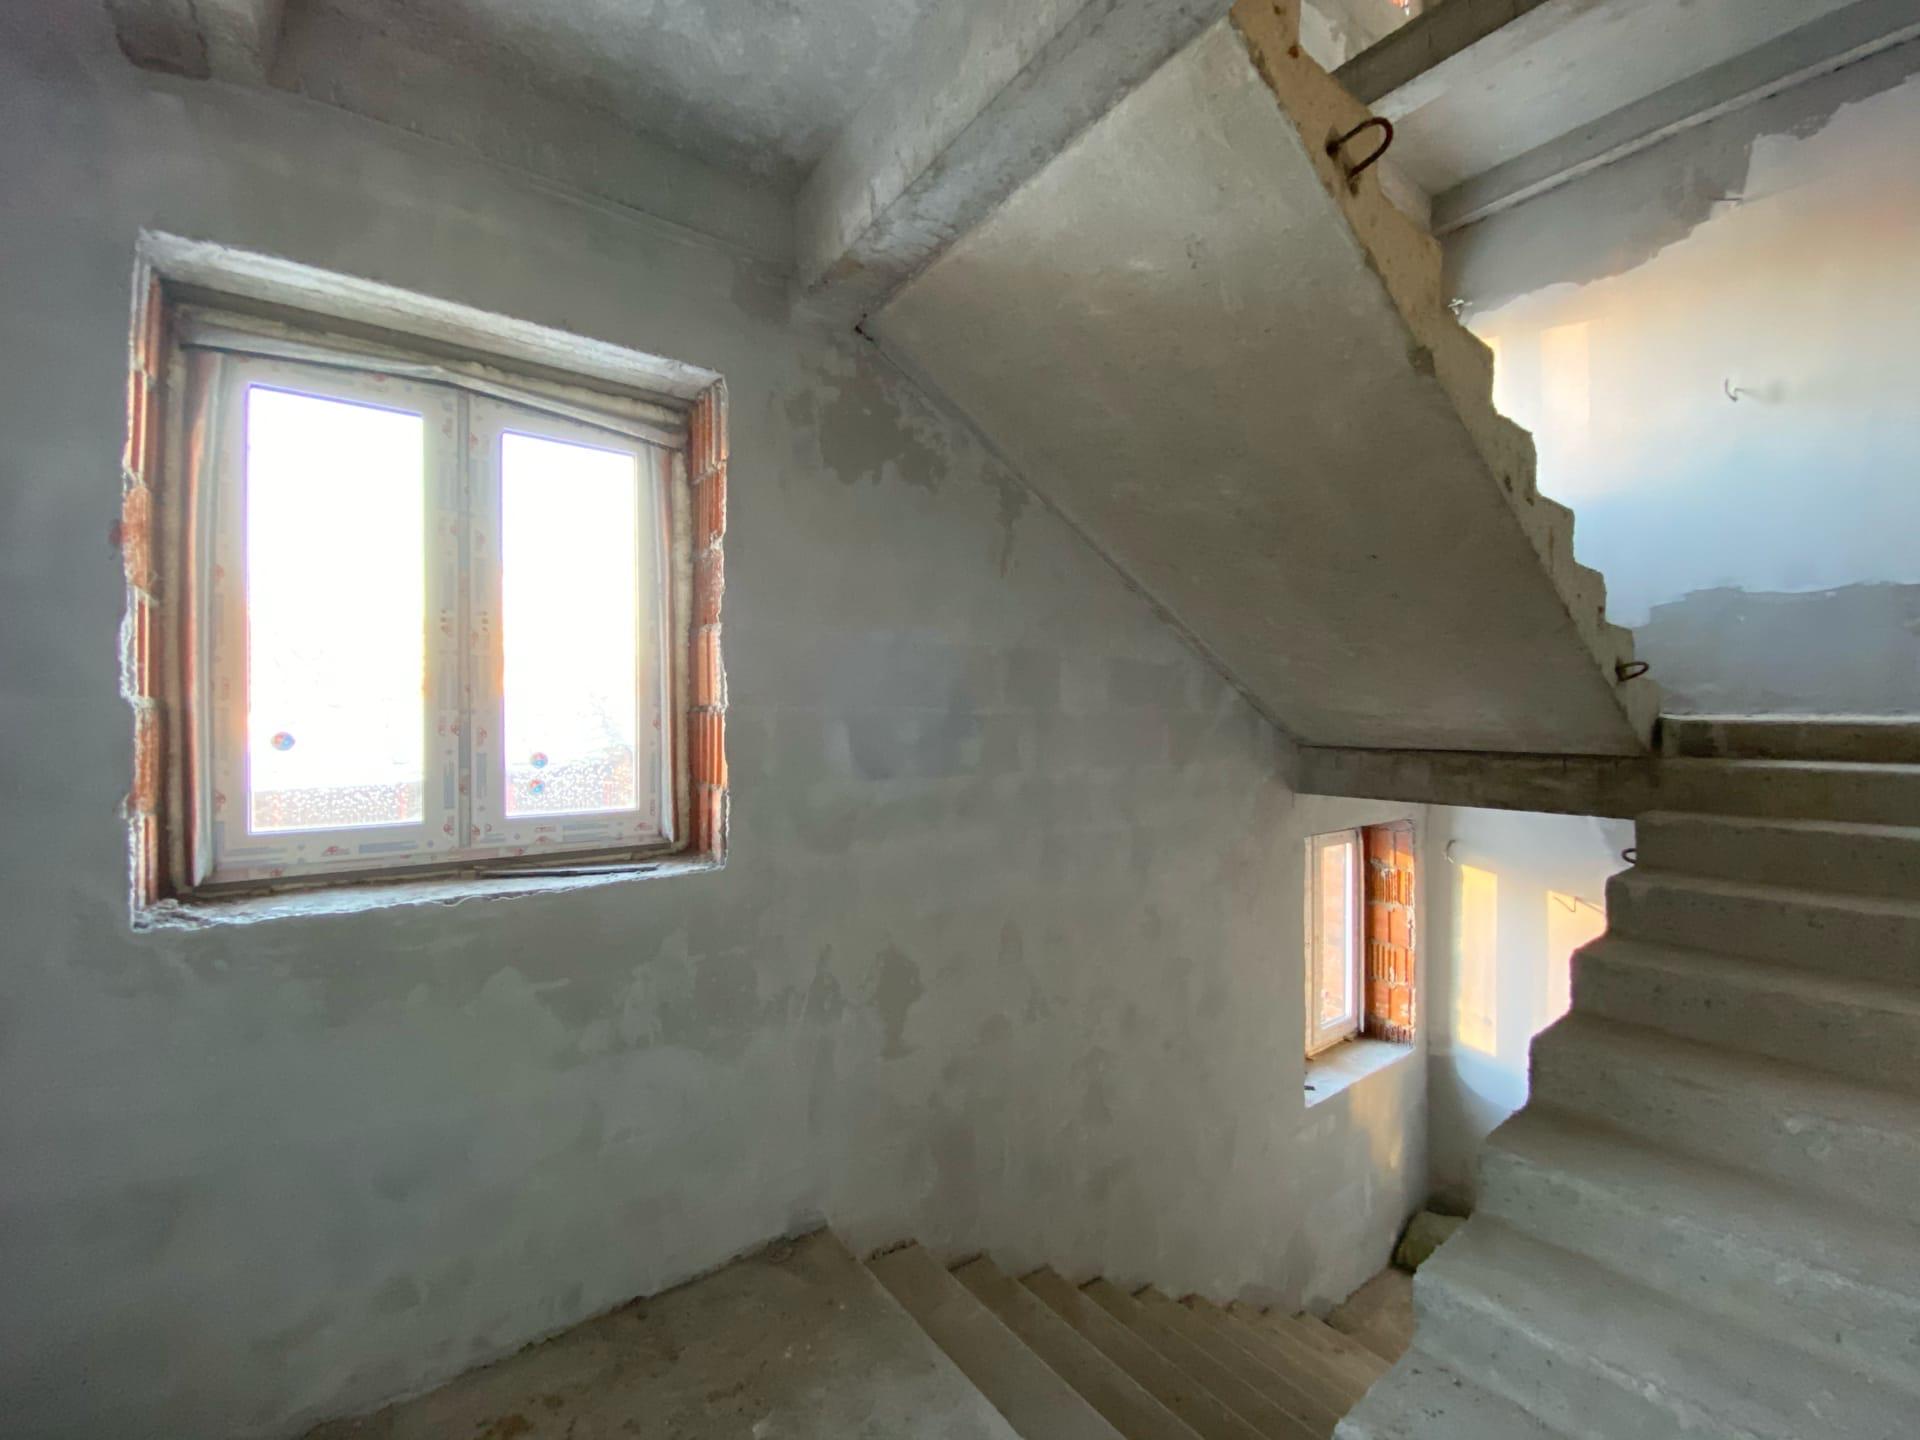 Проблемный дом на улице Стачек пообещали достроить в первом квартале 2021-го